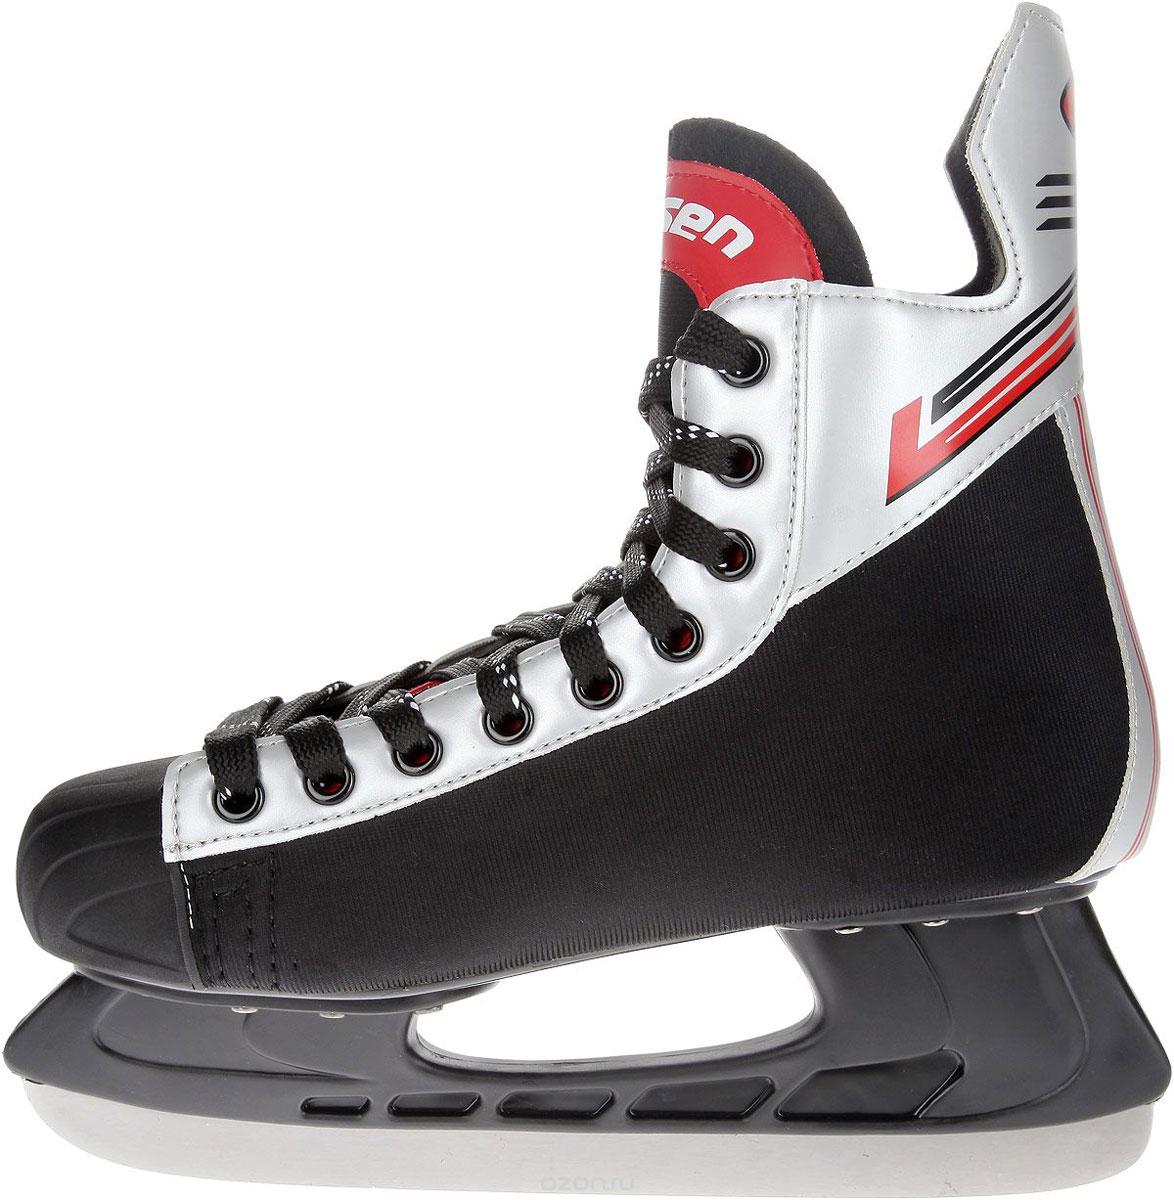 Коньки хоккейные мужские Larsen Alex, цвет: черный, серебристый, красный. Размер 37AlexСтильные коньки Alex от Larsen прекрасно подойдут для начинающих игроков в хоккей. Ботинок выполнен из нейлона и морозоустойчивого поливинилхлорида. Мыс дополнен вставкой из полиуретана, которая защитит ноги от ударов. Внутренний слой изготовлен из мягкого текстиля, который обеспечит тепло и комфорт во время катания, язычок - из войлока. Плотная шнуровка надежно фиксирует модель на ноге. Голеностоп имеет удобный суппорт. Стелька из EVA с текстильной поверхностью обеспечит комфортное катание. Стойка выполнена из ударопрочного полипропилена. Лезвие из нержавеющей стали обеспечит превосходное скольжение. В комплект входят пластиковые чехлы для лезвий.